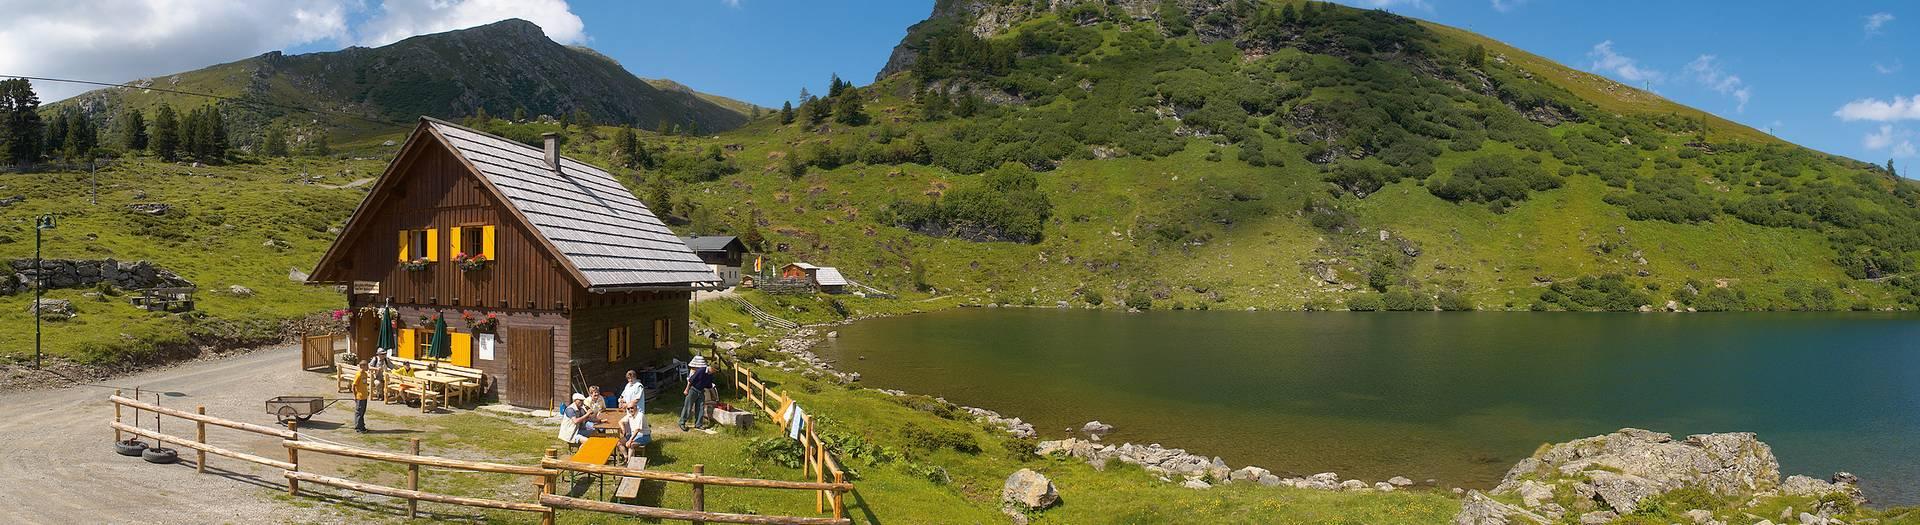 Alpe-Adria-Trail Falkertsee Halter Huette